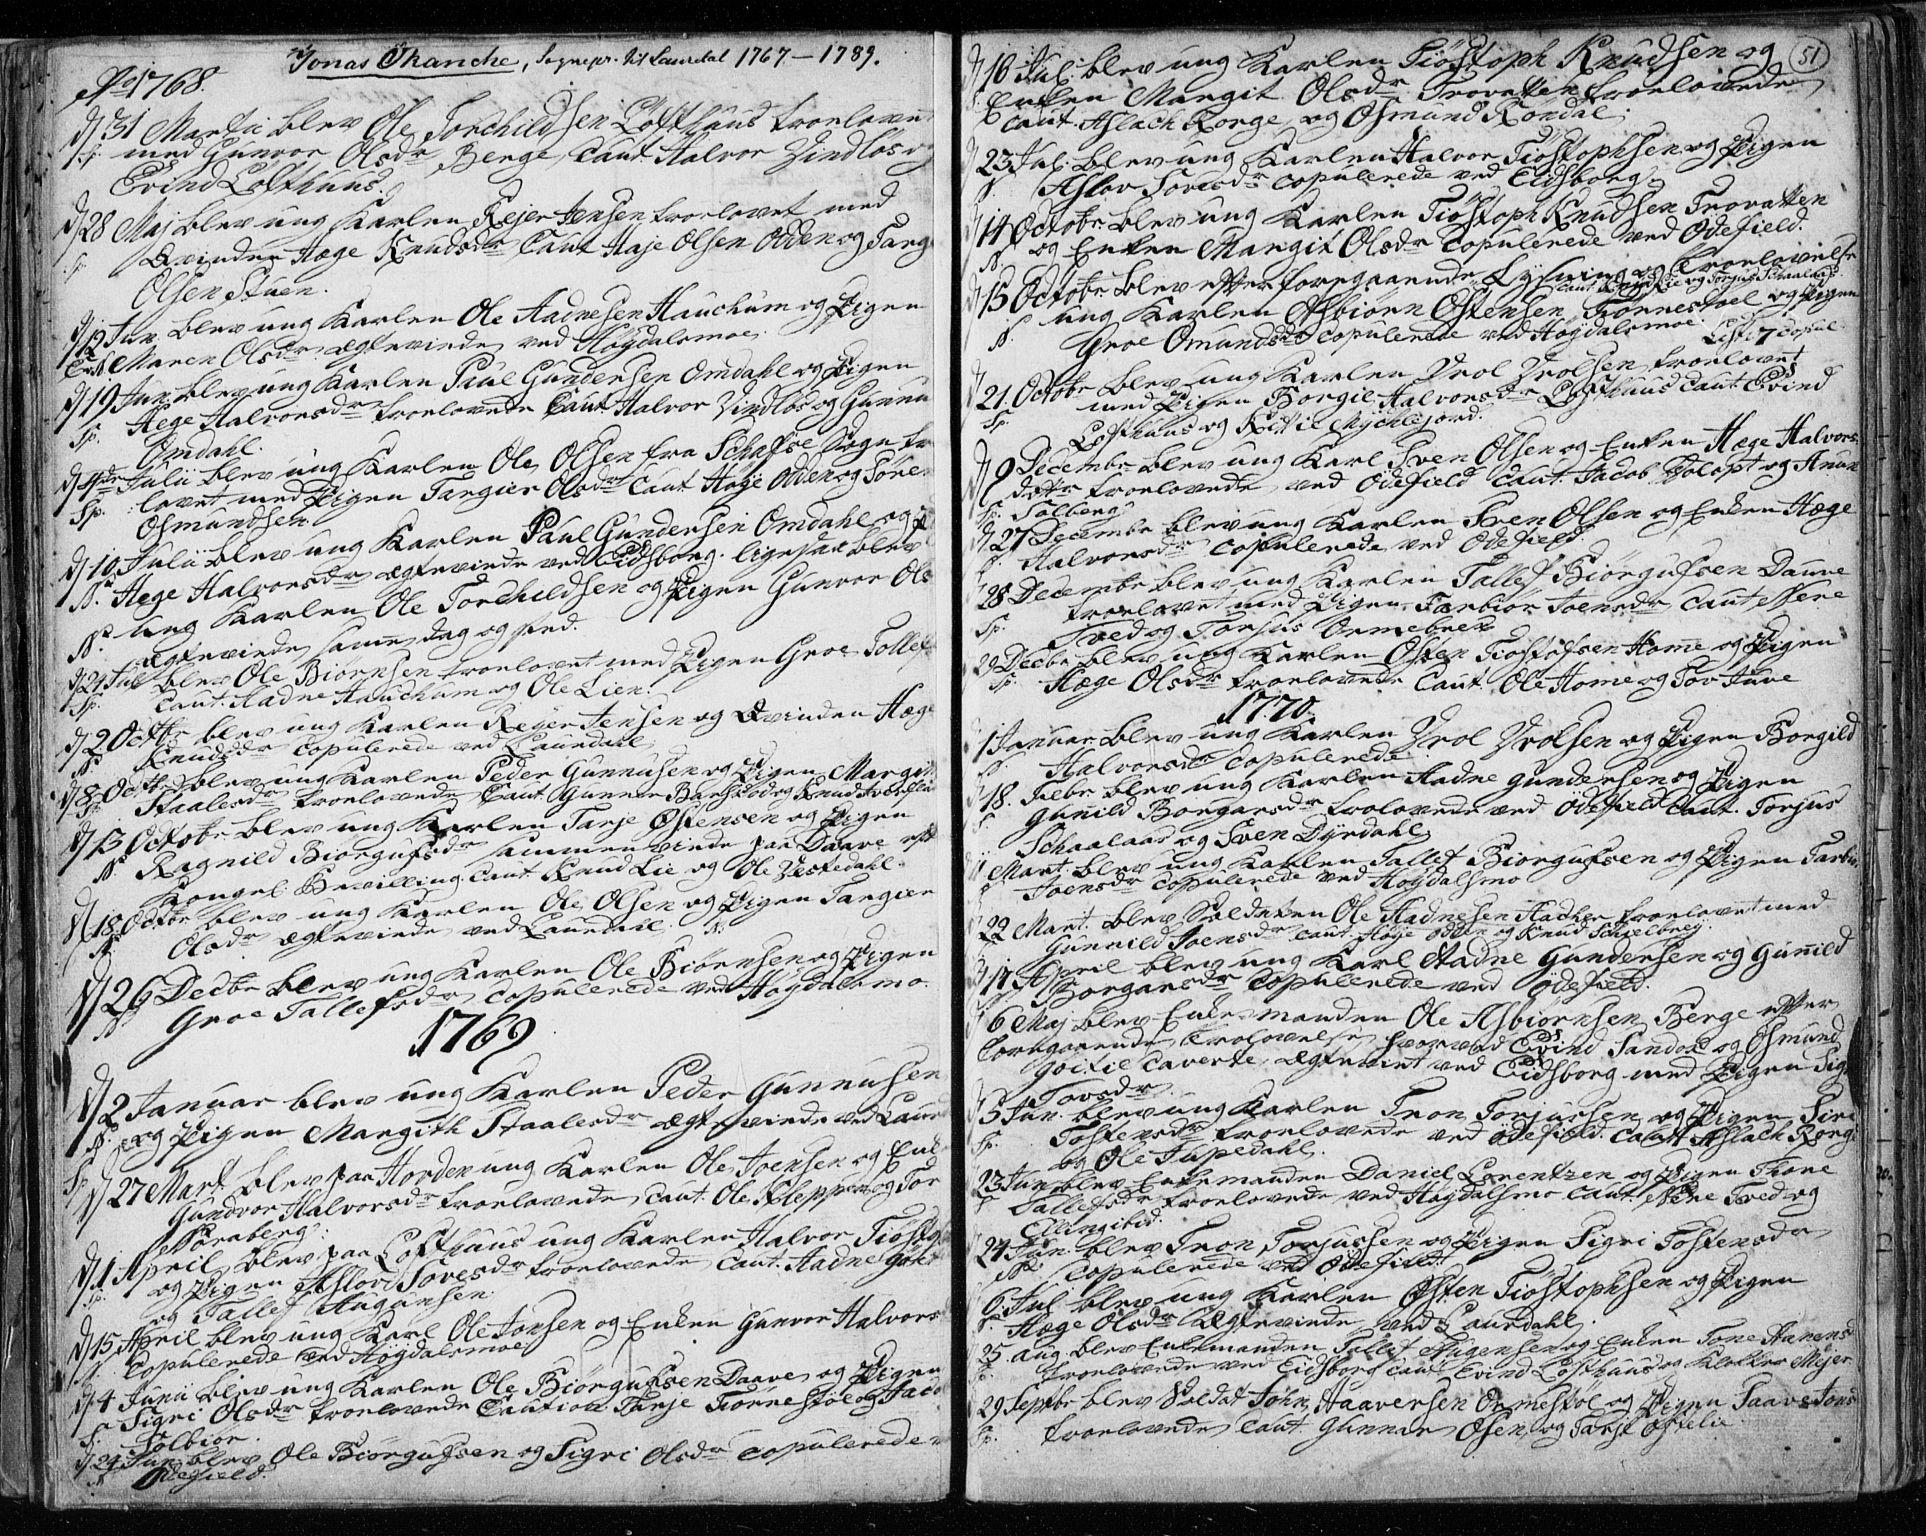 SAKO, Lårdal kirkebøker, F/Fa/L0003: Ministerialbok nr. I 3, 1754-1790, s. 51